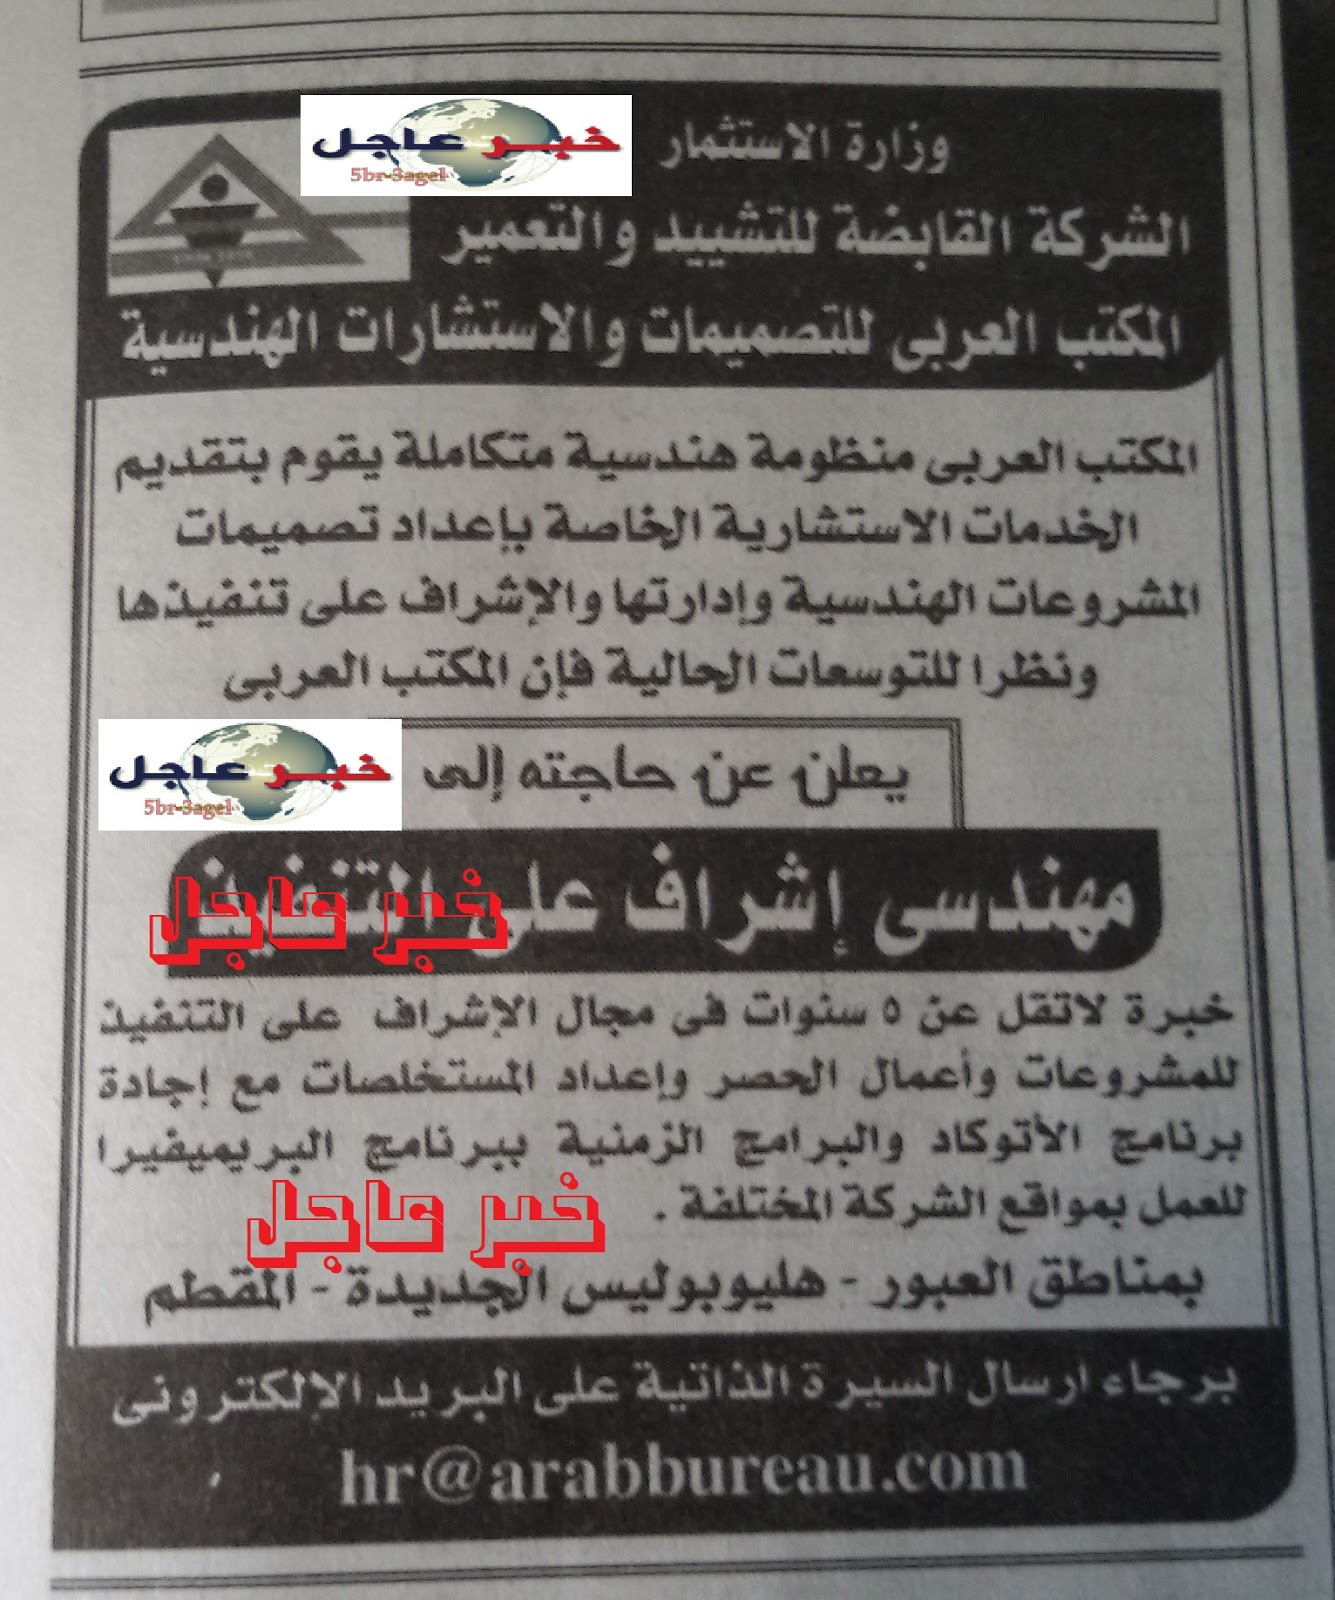 """اليوم - وظائف وزارة الاستثمار """" الشركة القابضة للتشييد والتعمير """" منشور بالاهرام"""